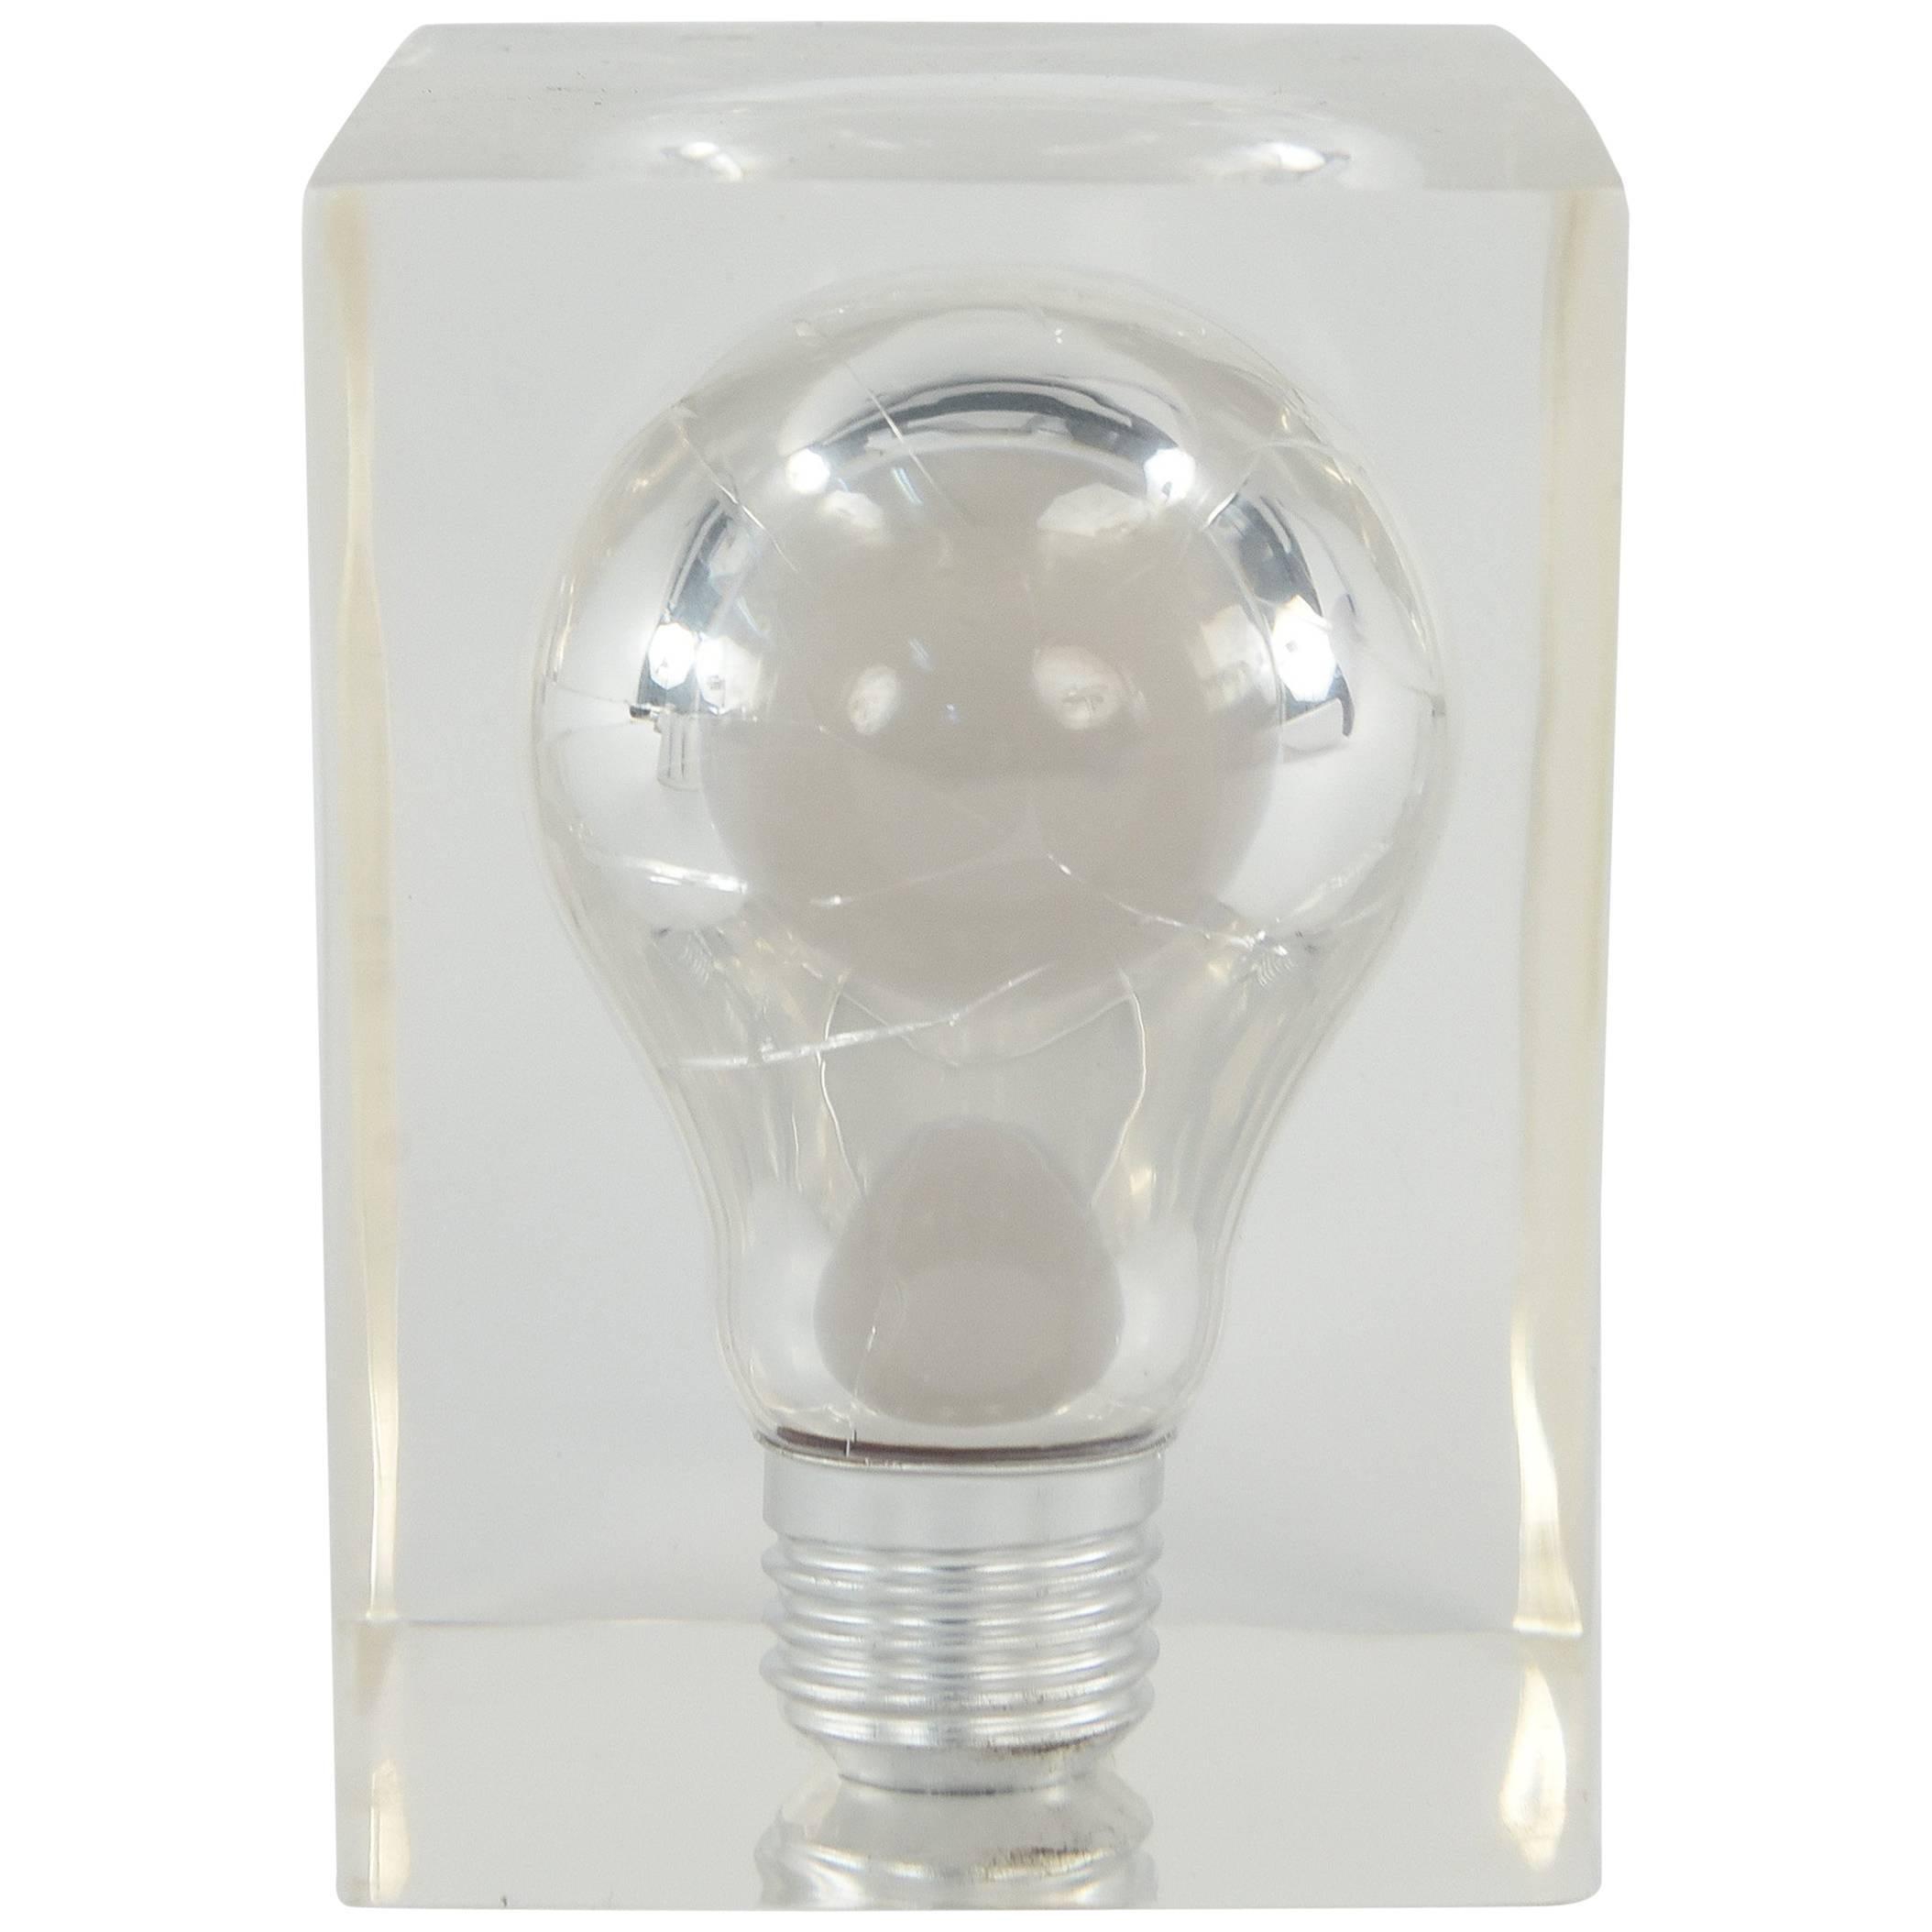 light bulb suspended in